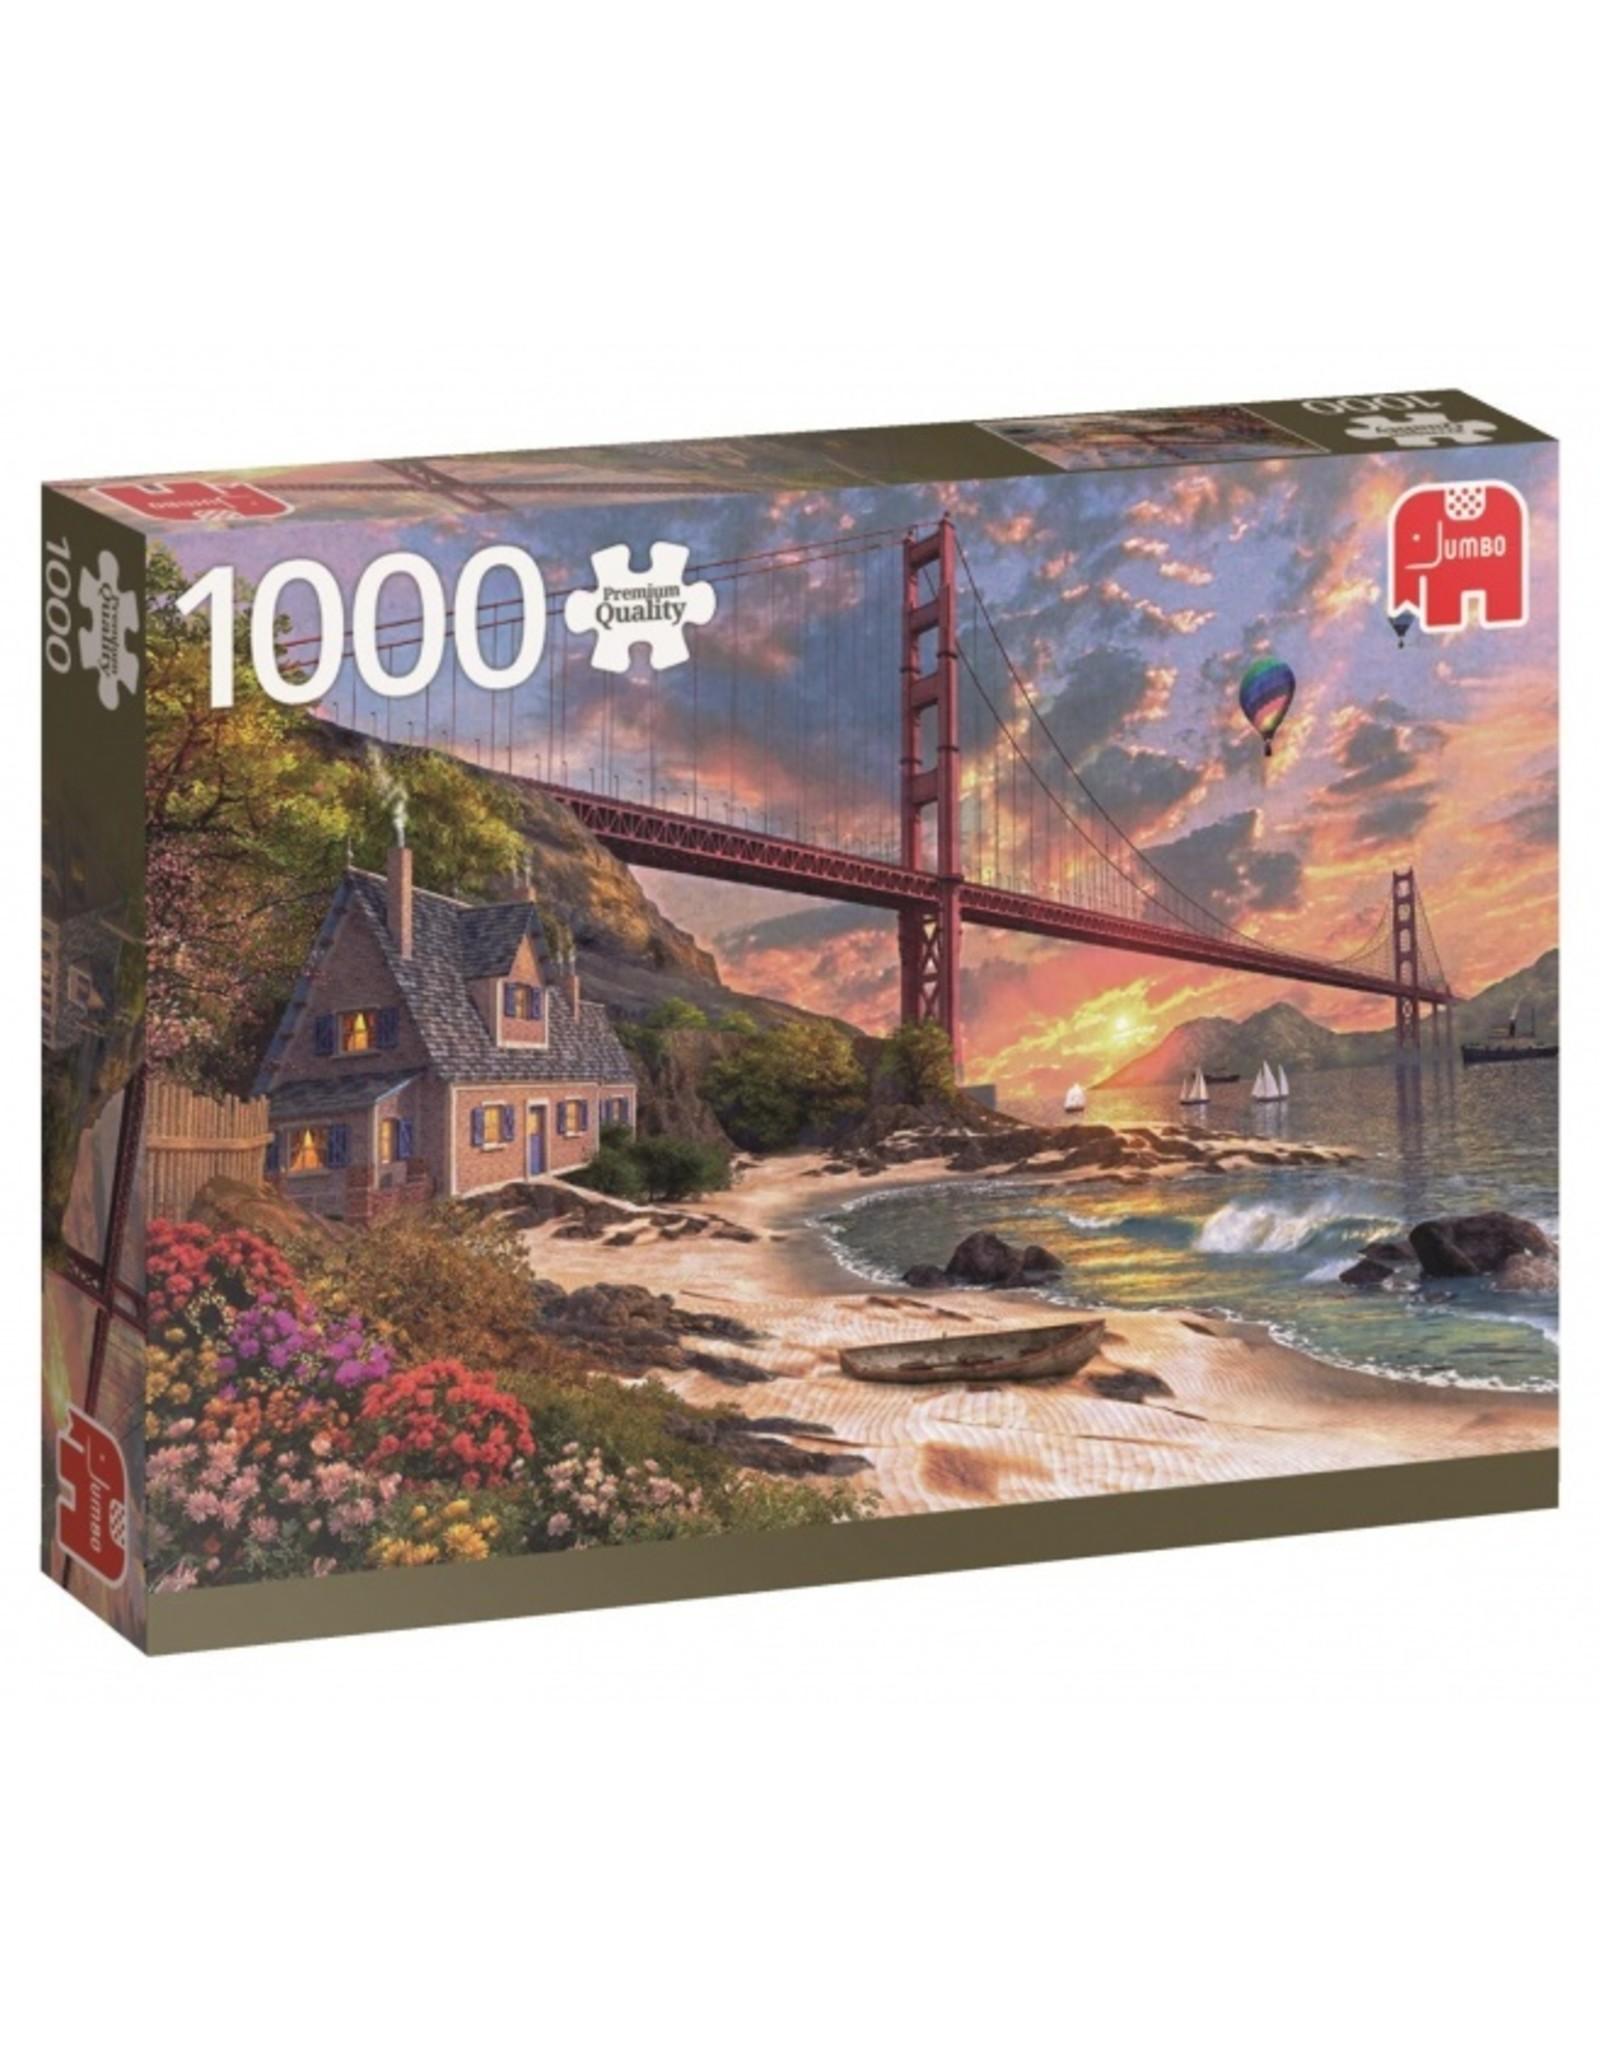 JUMBO Jumbo Puzzel Golden Gate Bridge 1000 stukjes